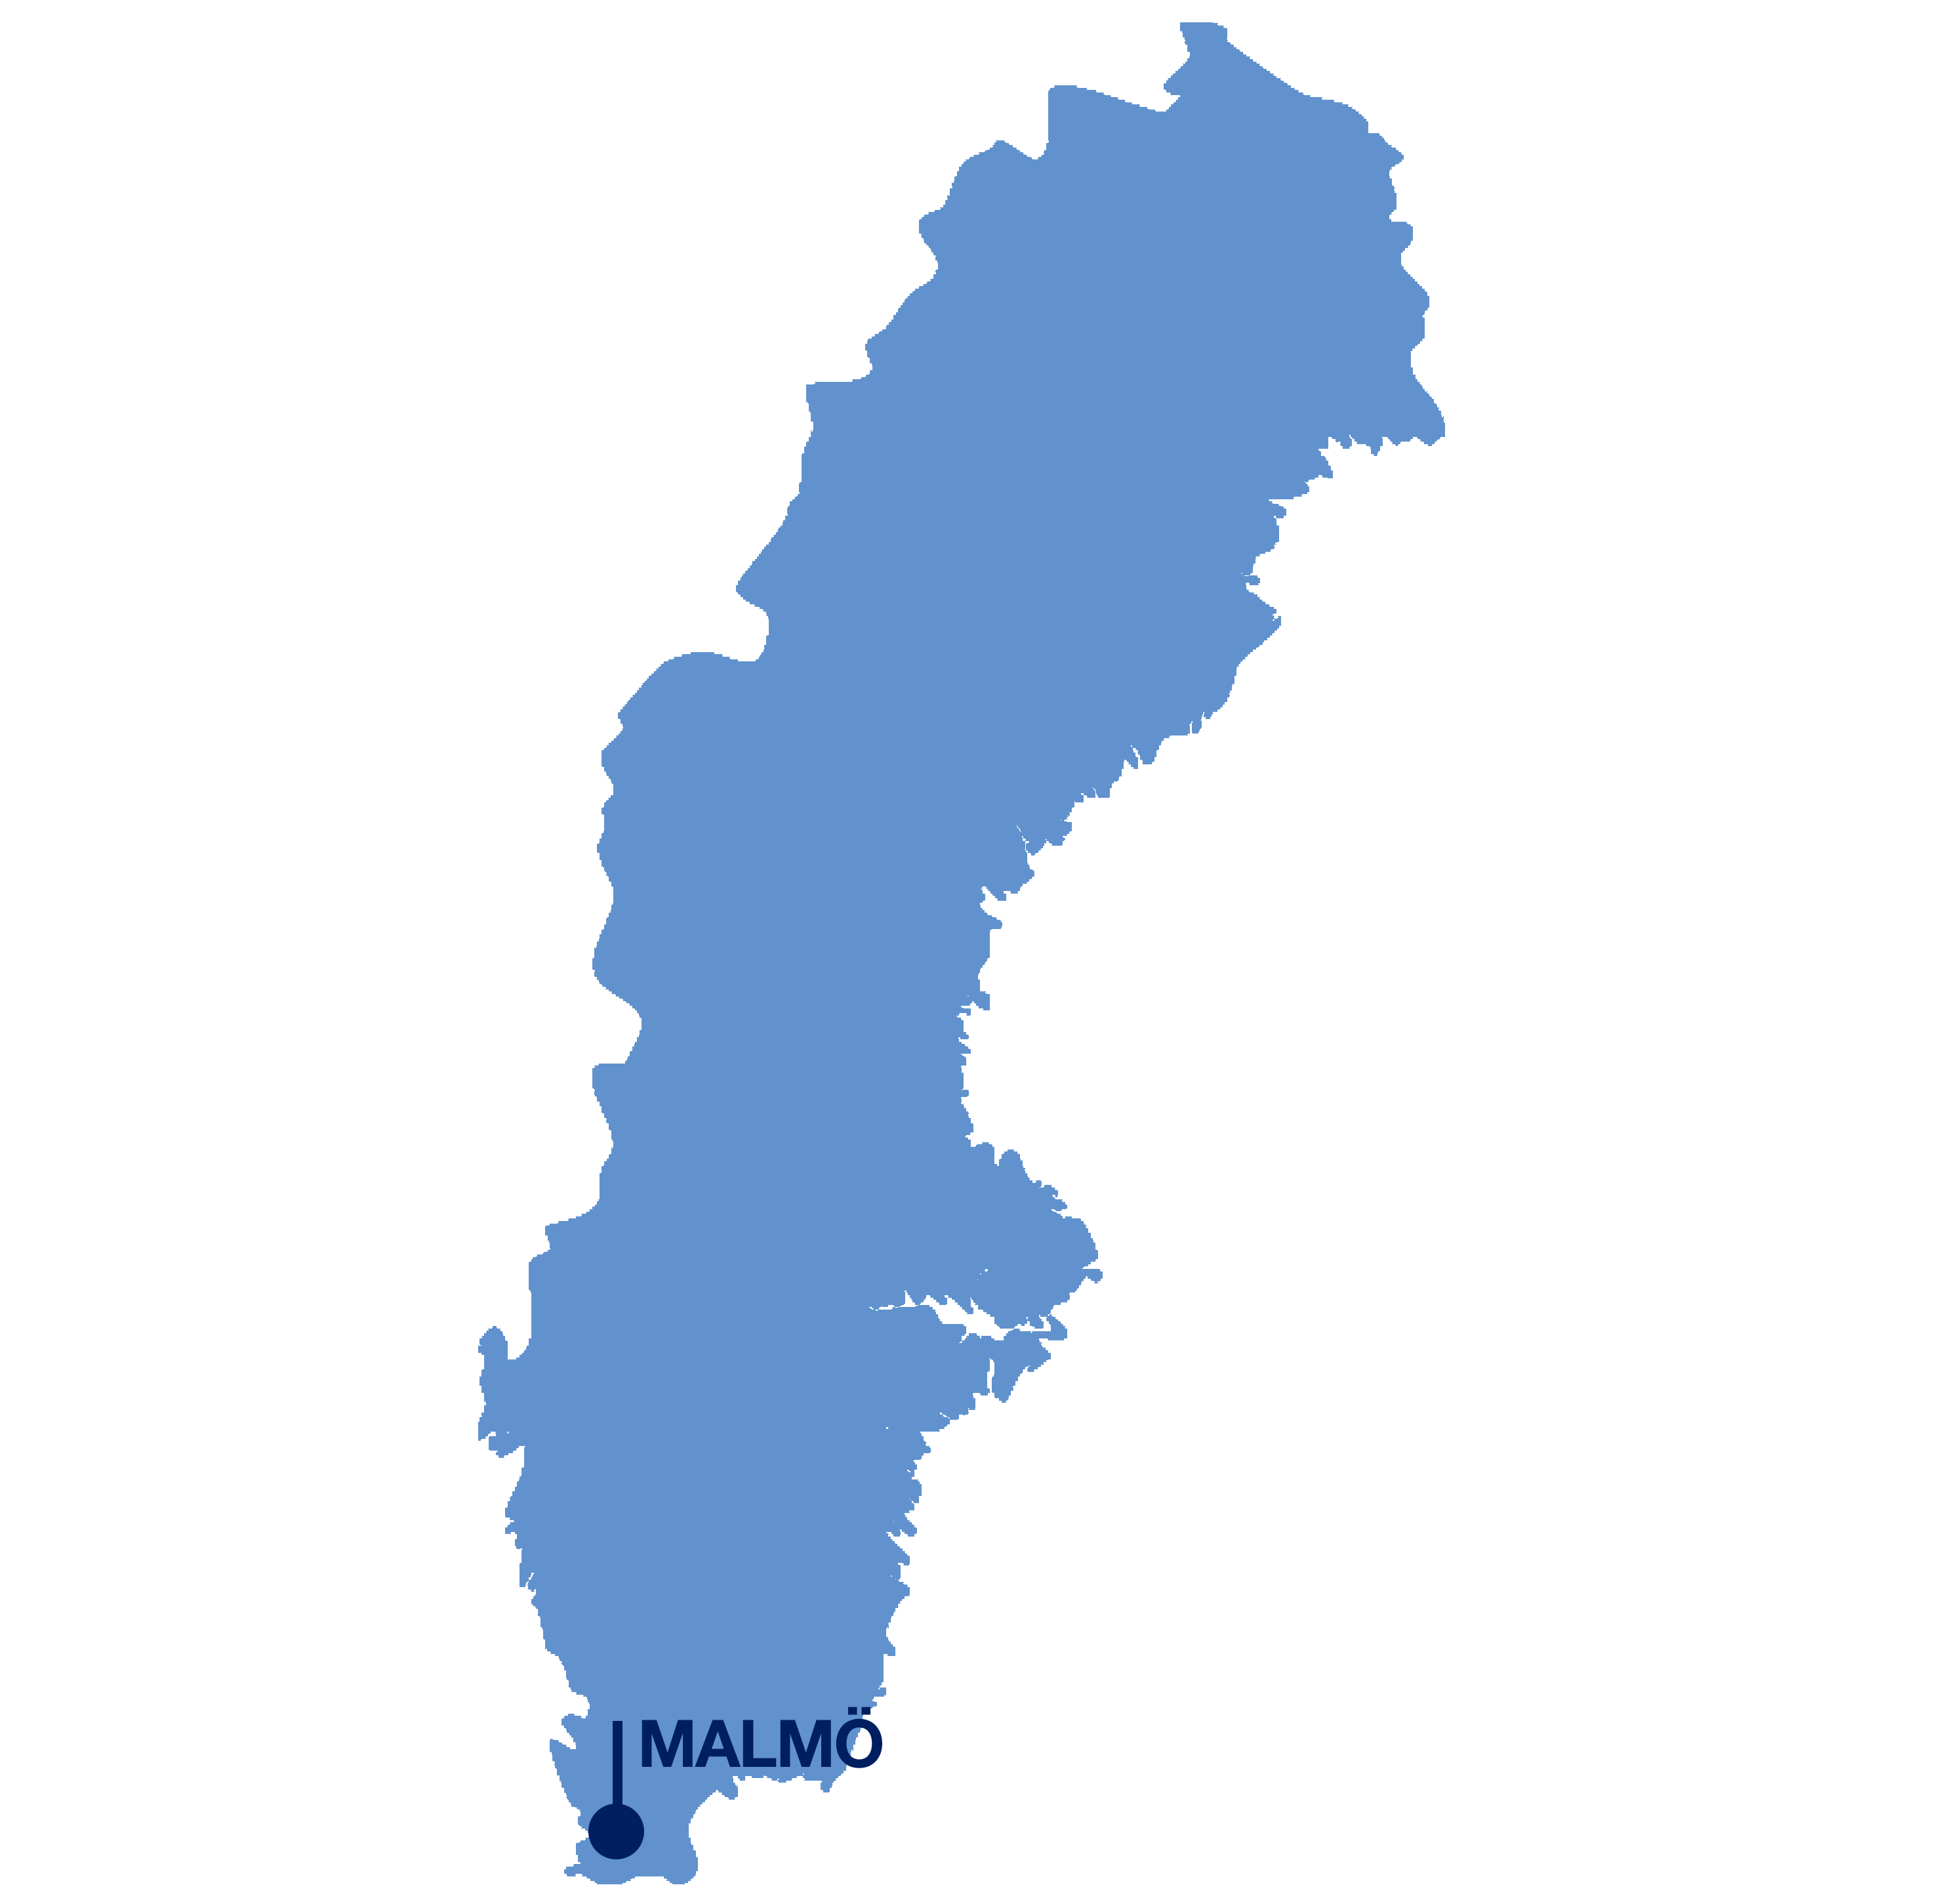 Riwal Sverige